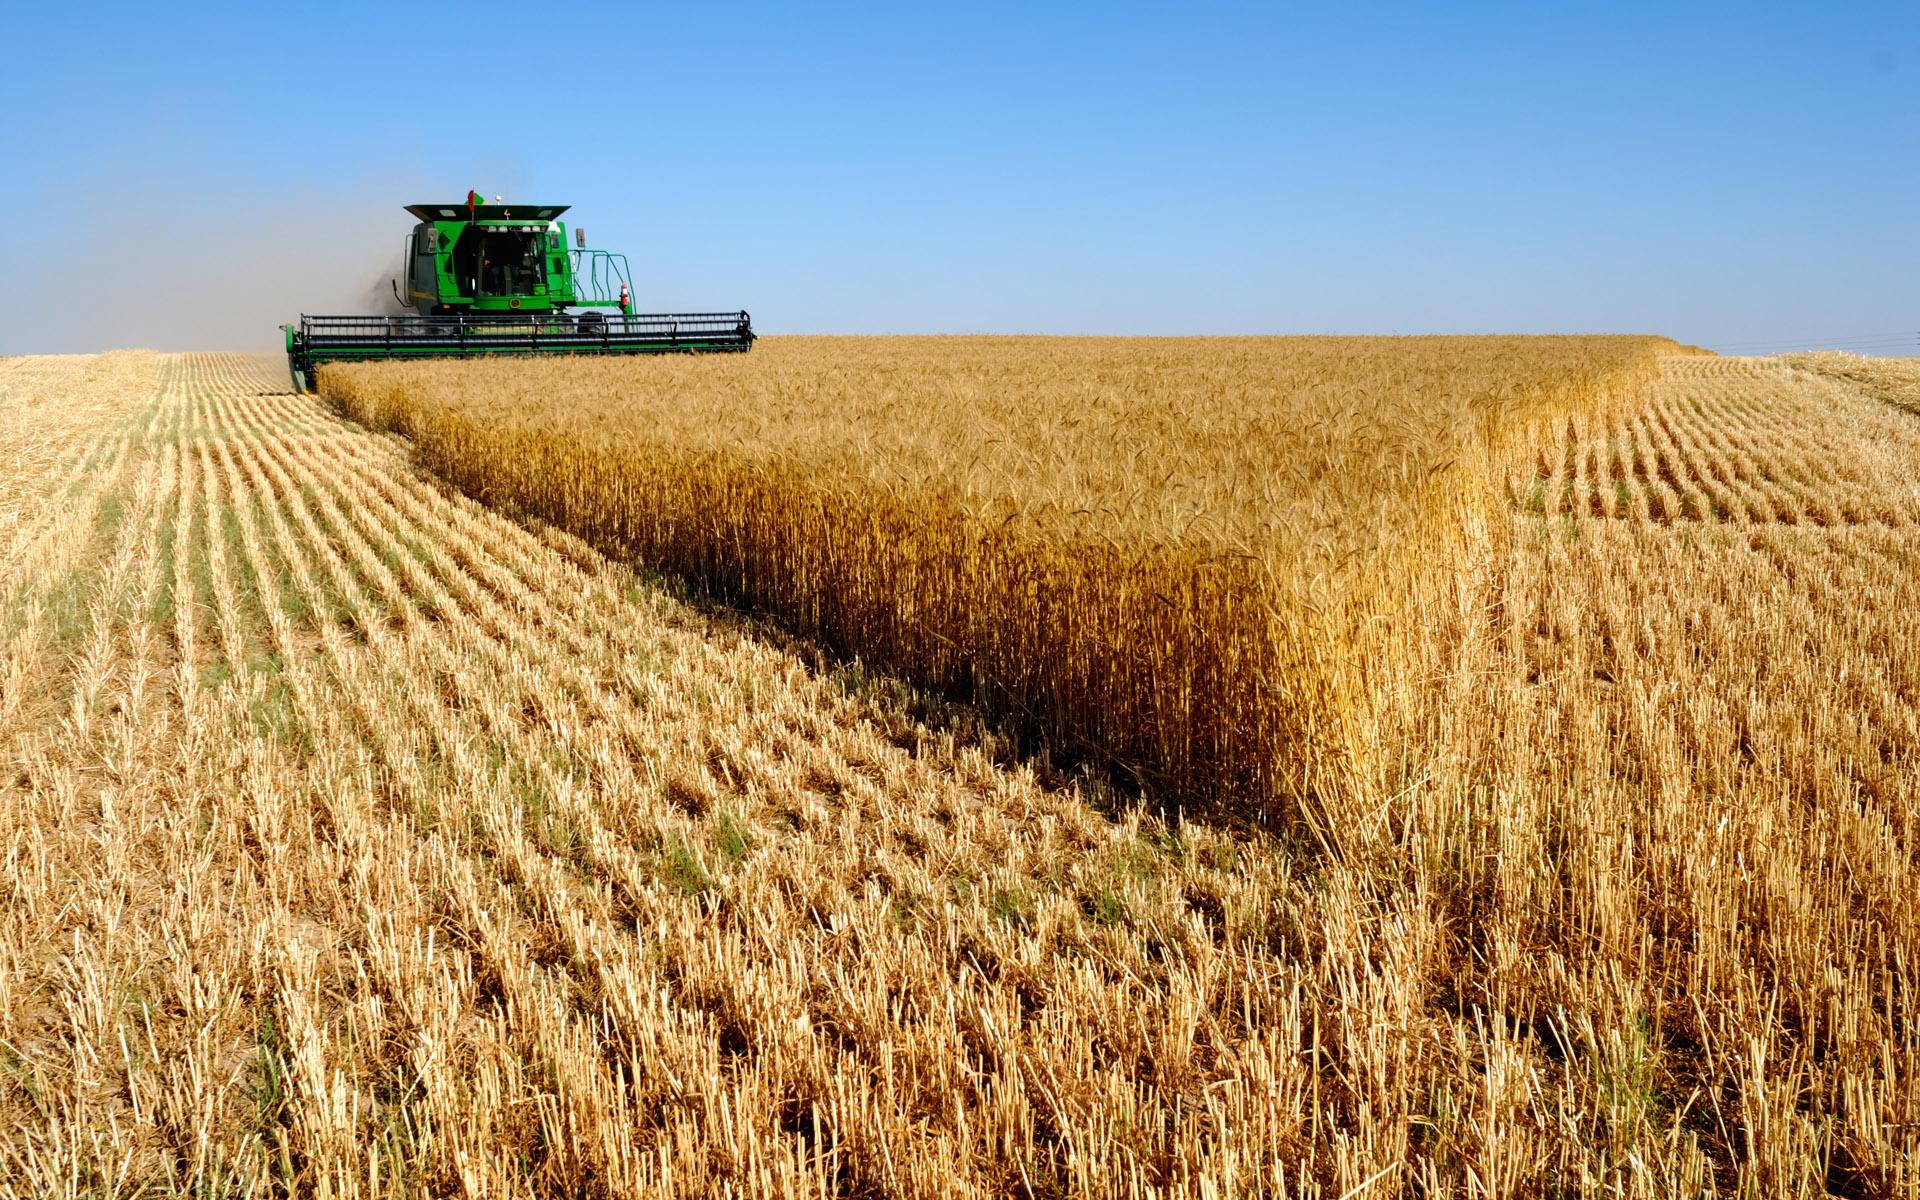 A evolução das técnicas agrícolas